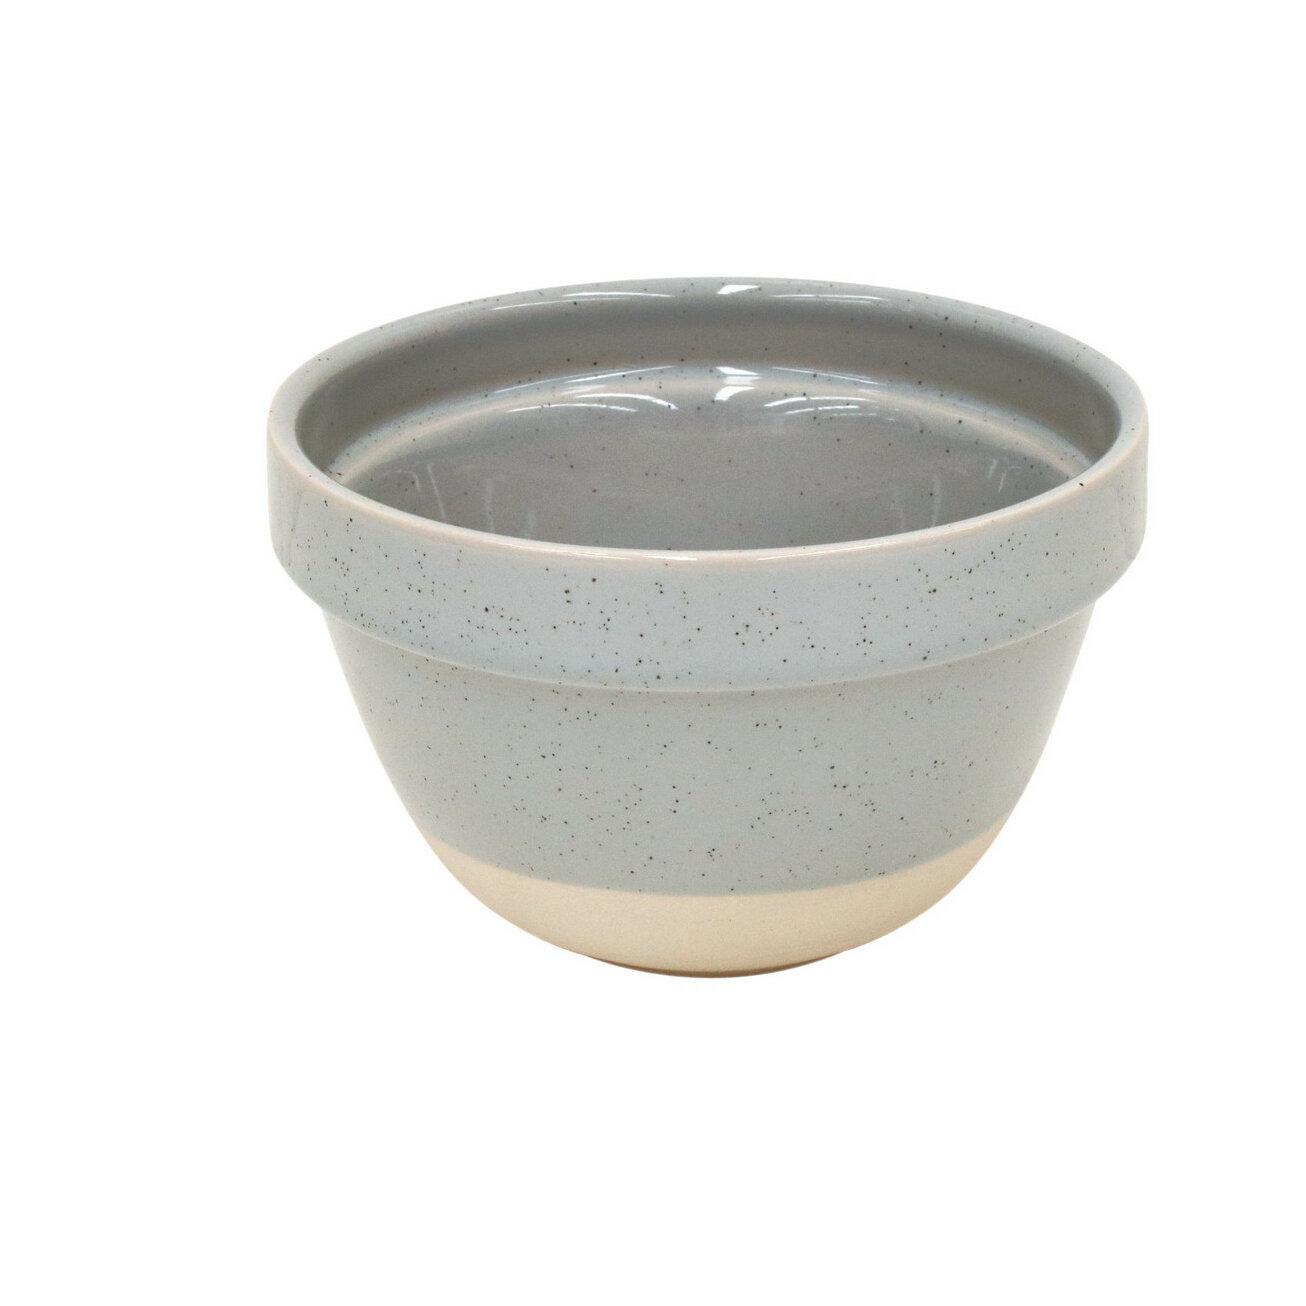 Casa Stone By Casafina casafina fattoria stoneware mixing bowl